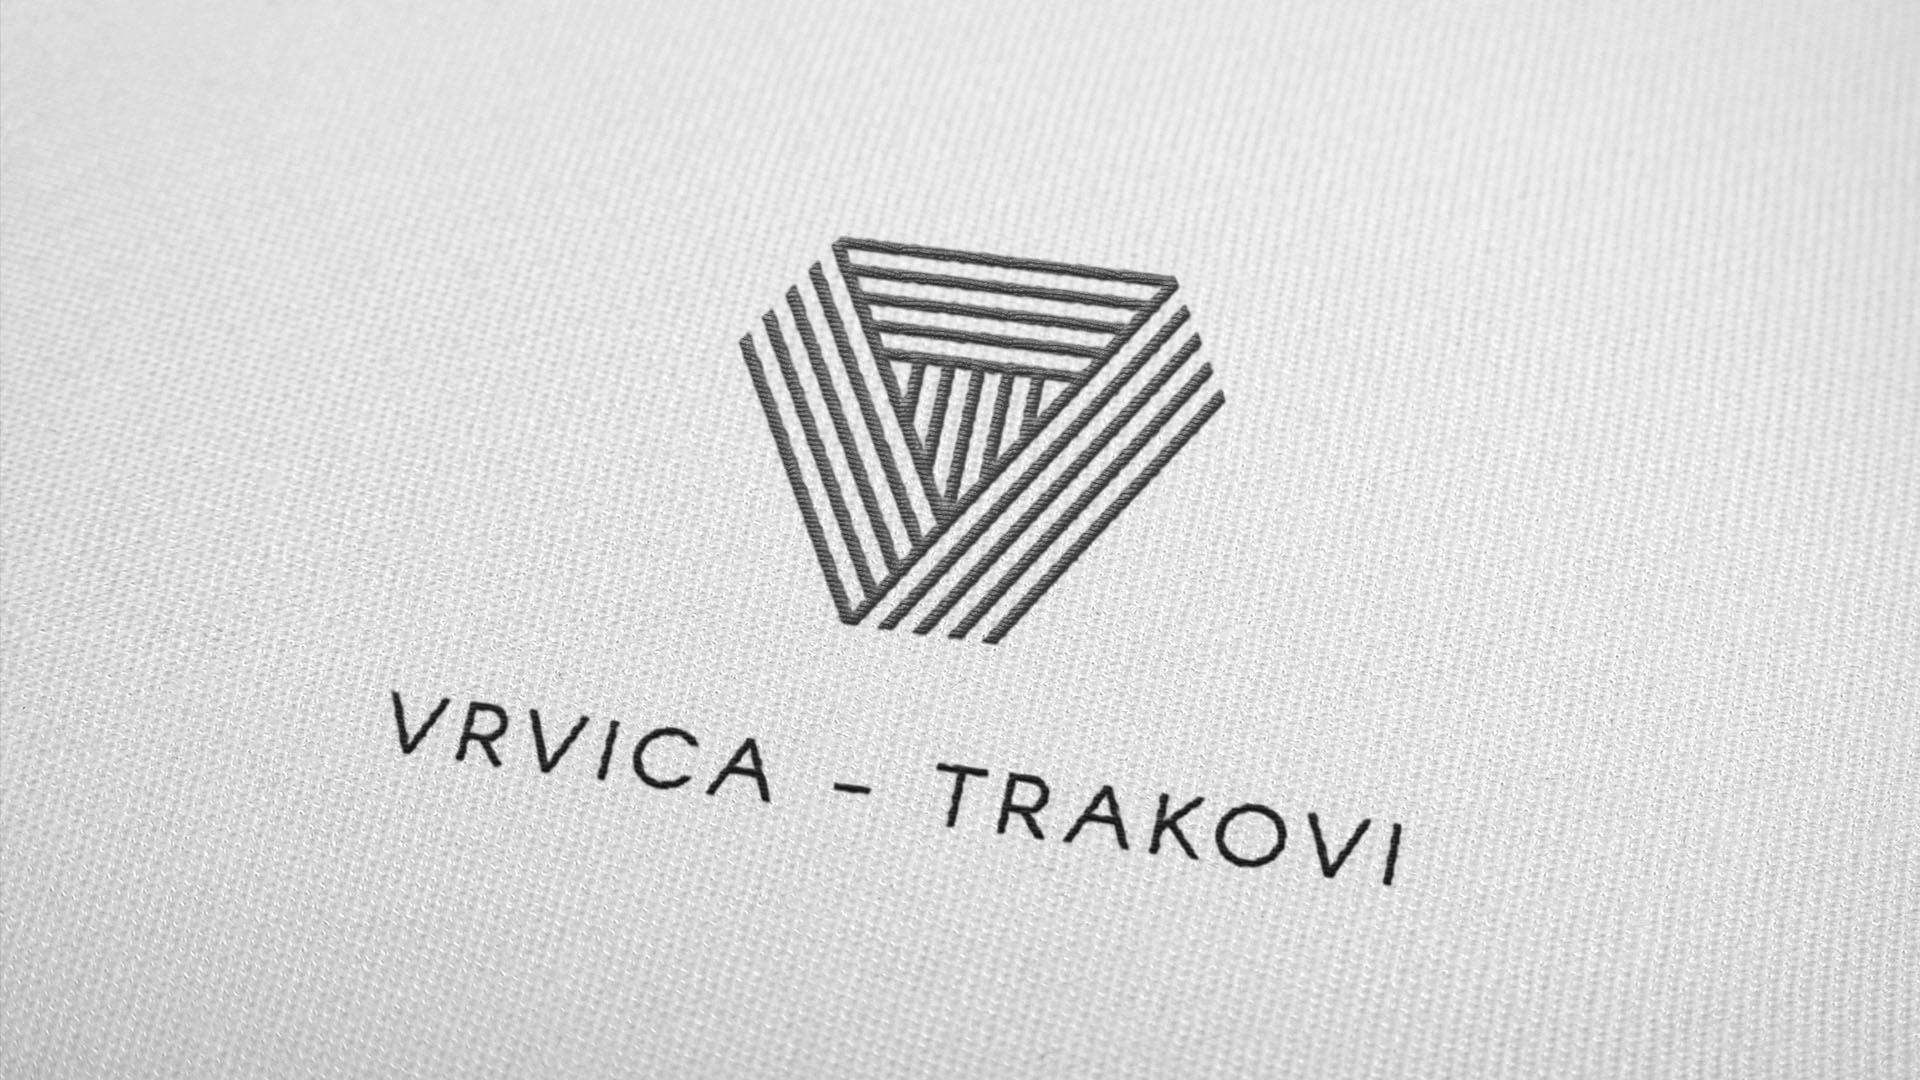 Vrvica Trakovi